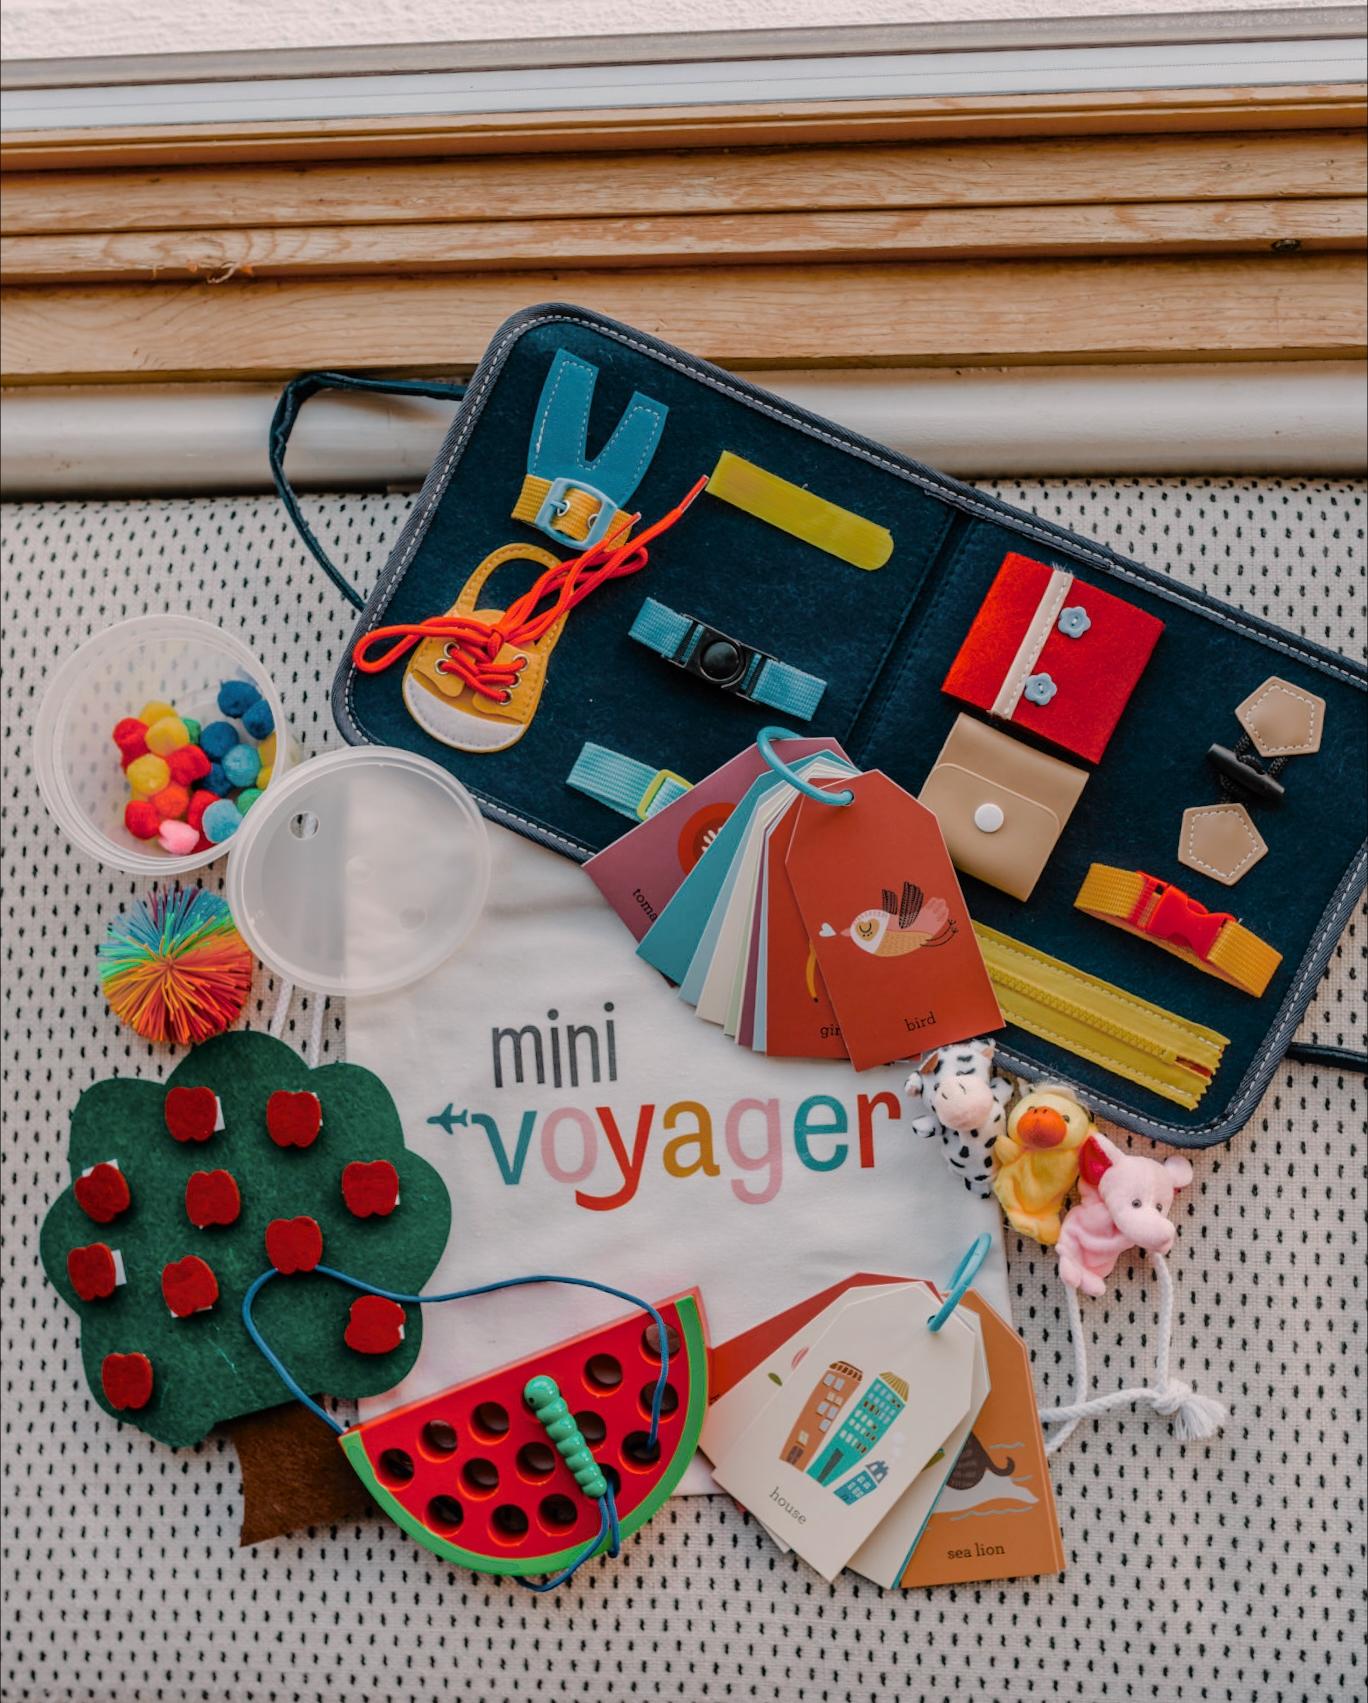 mini voyager toys